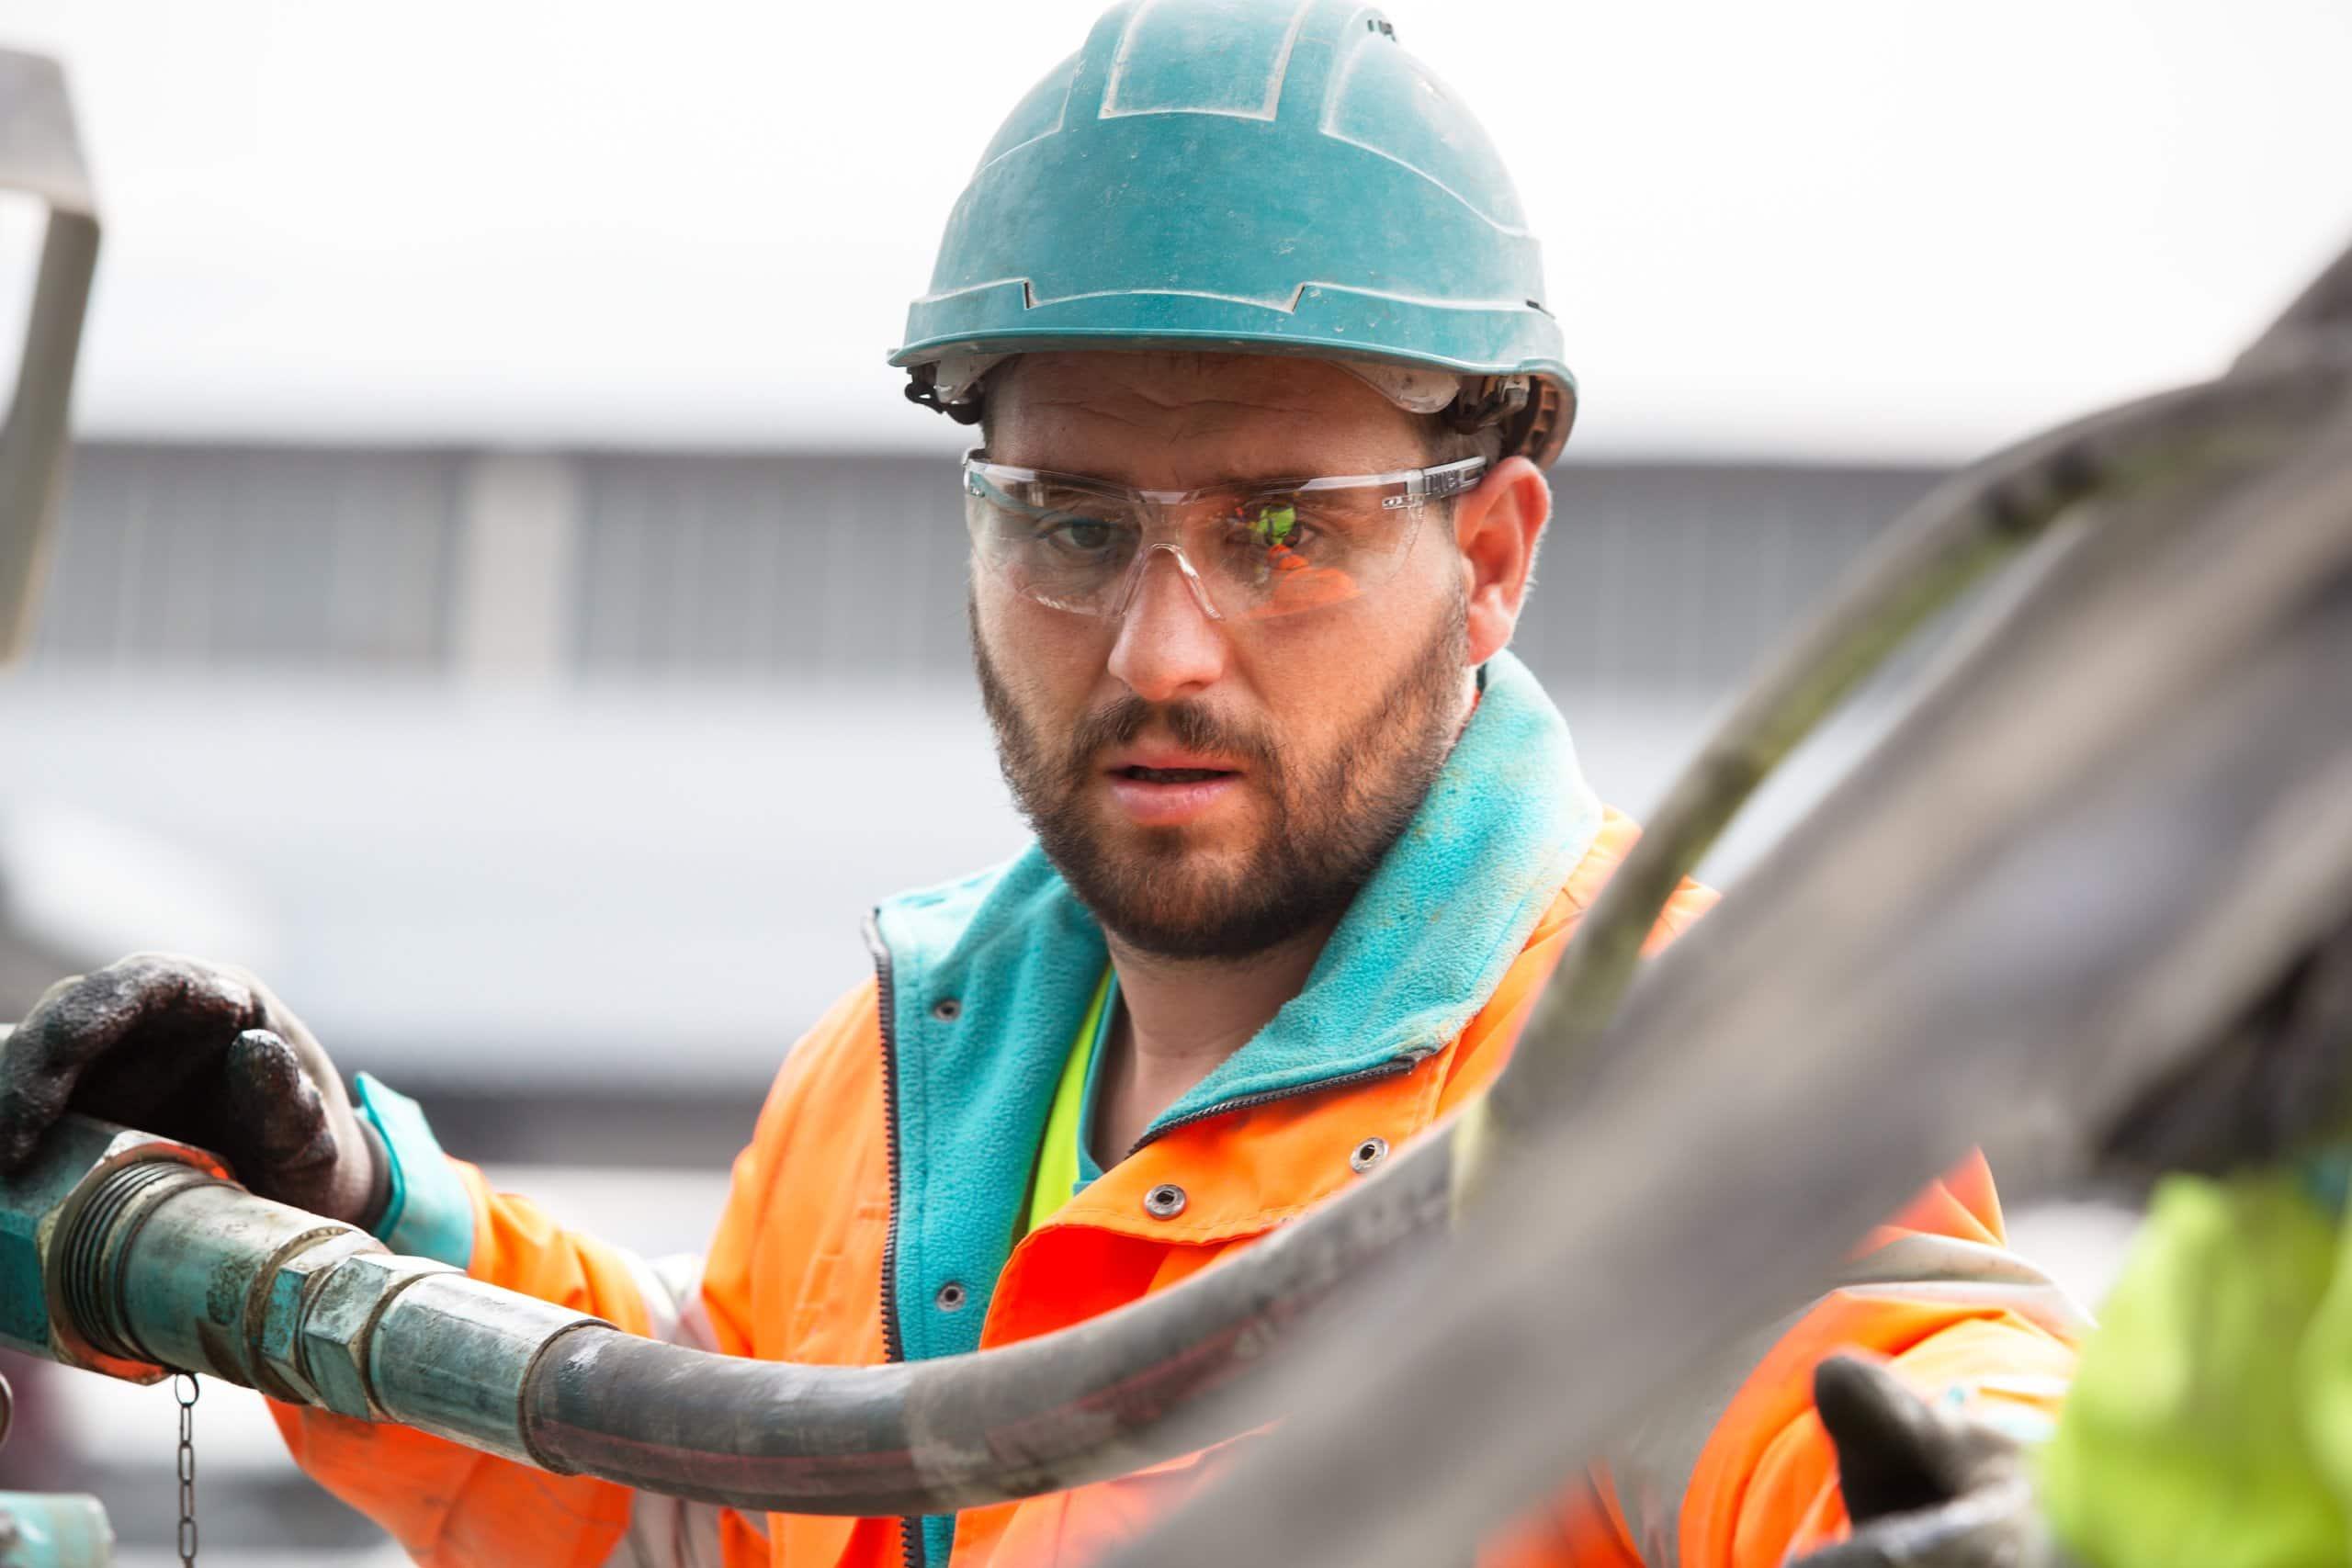 ouvrier avec casque de chantier qui tend le bras